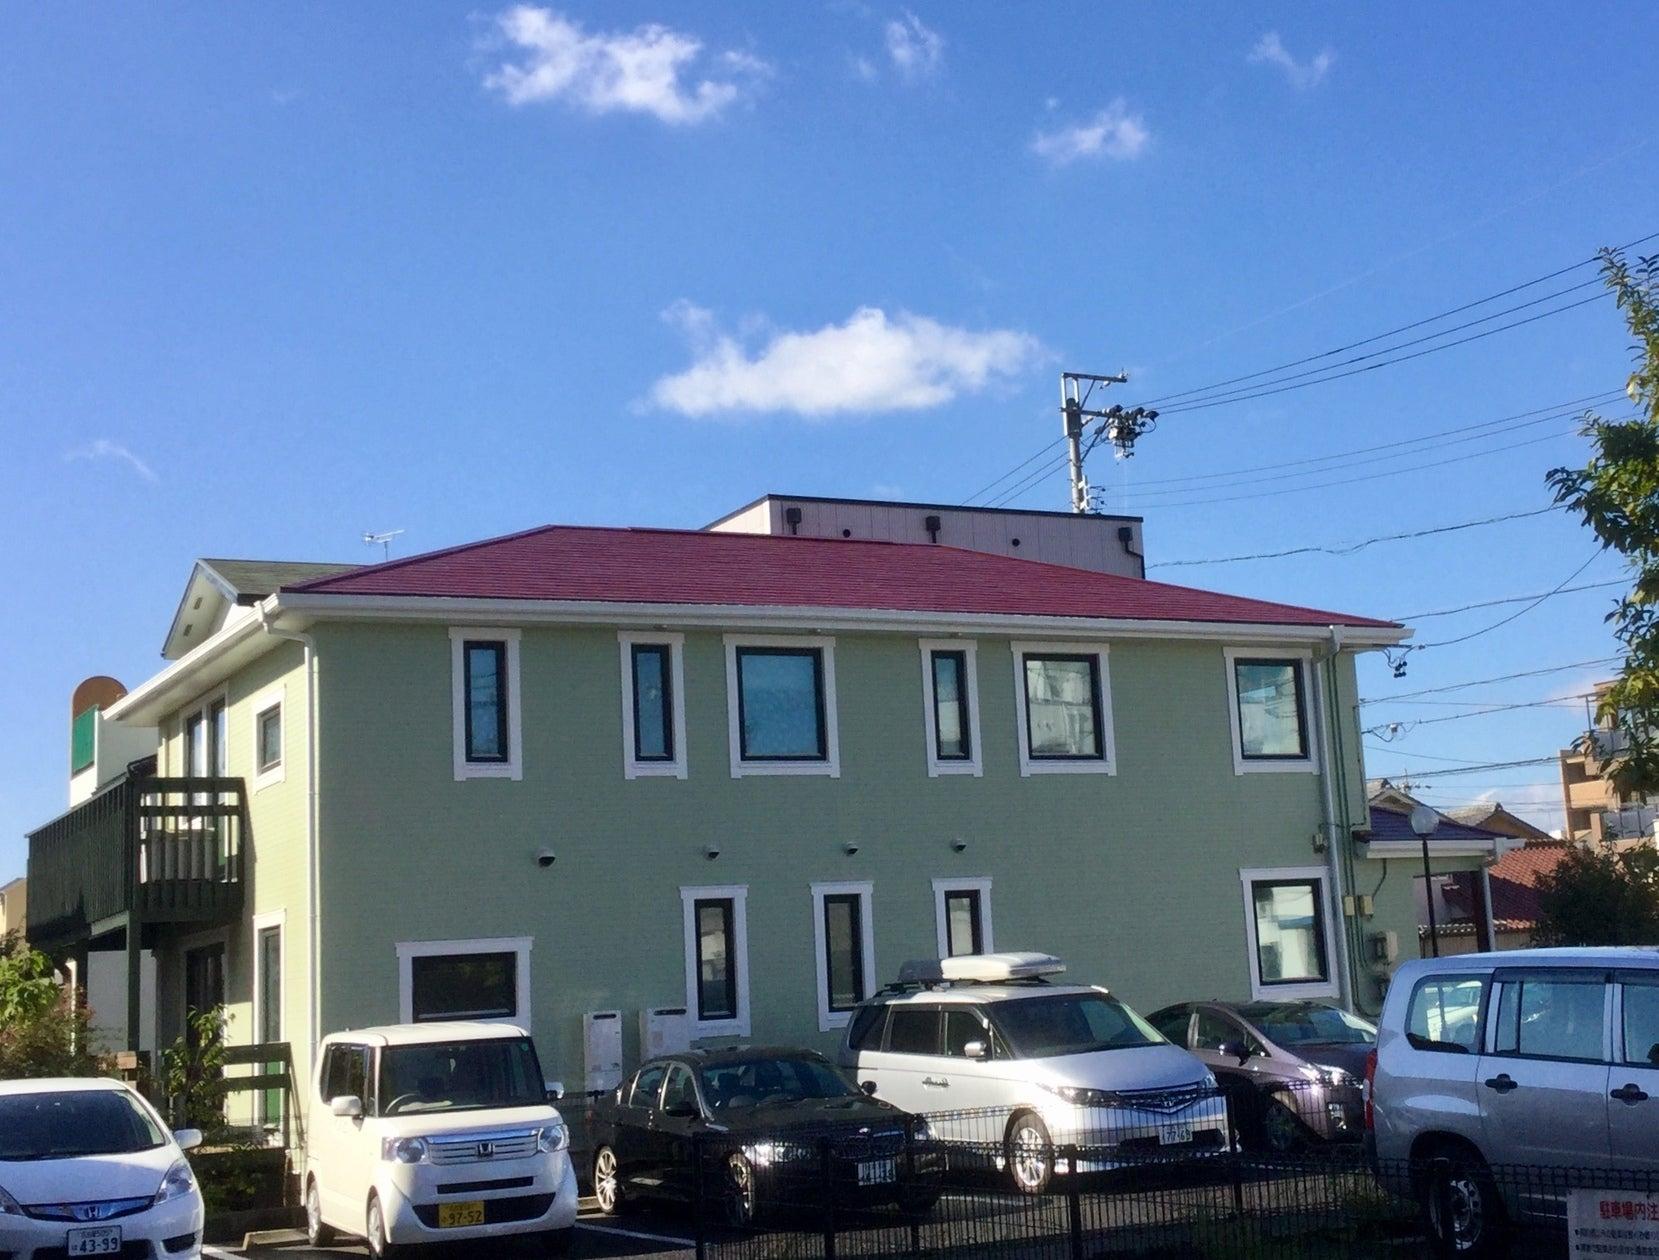 〔新瑞橋駅から徒歩1分〕静かな北欧風一軒家(スウェーデンハウス180m2)の1階リビング(静かな一軒家のキッチン付きリビングスペース) の写真0